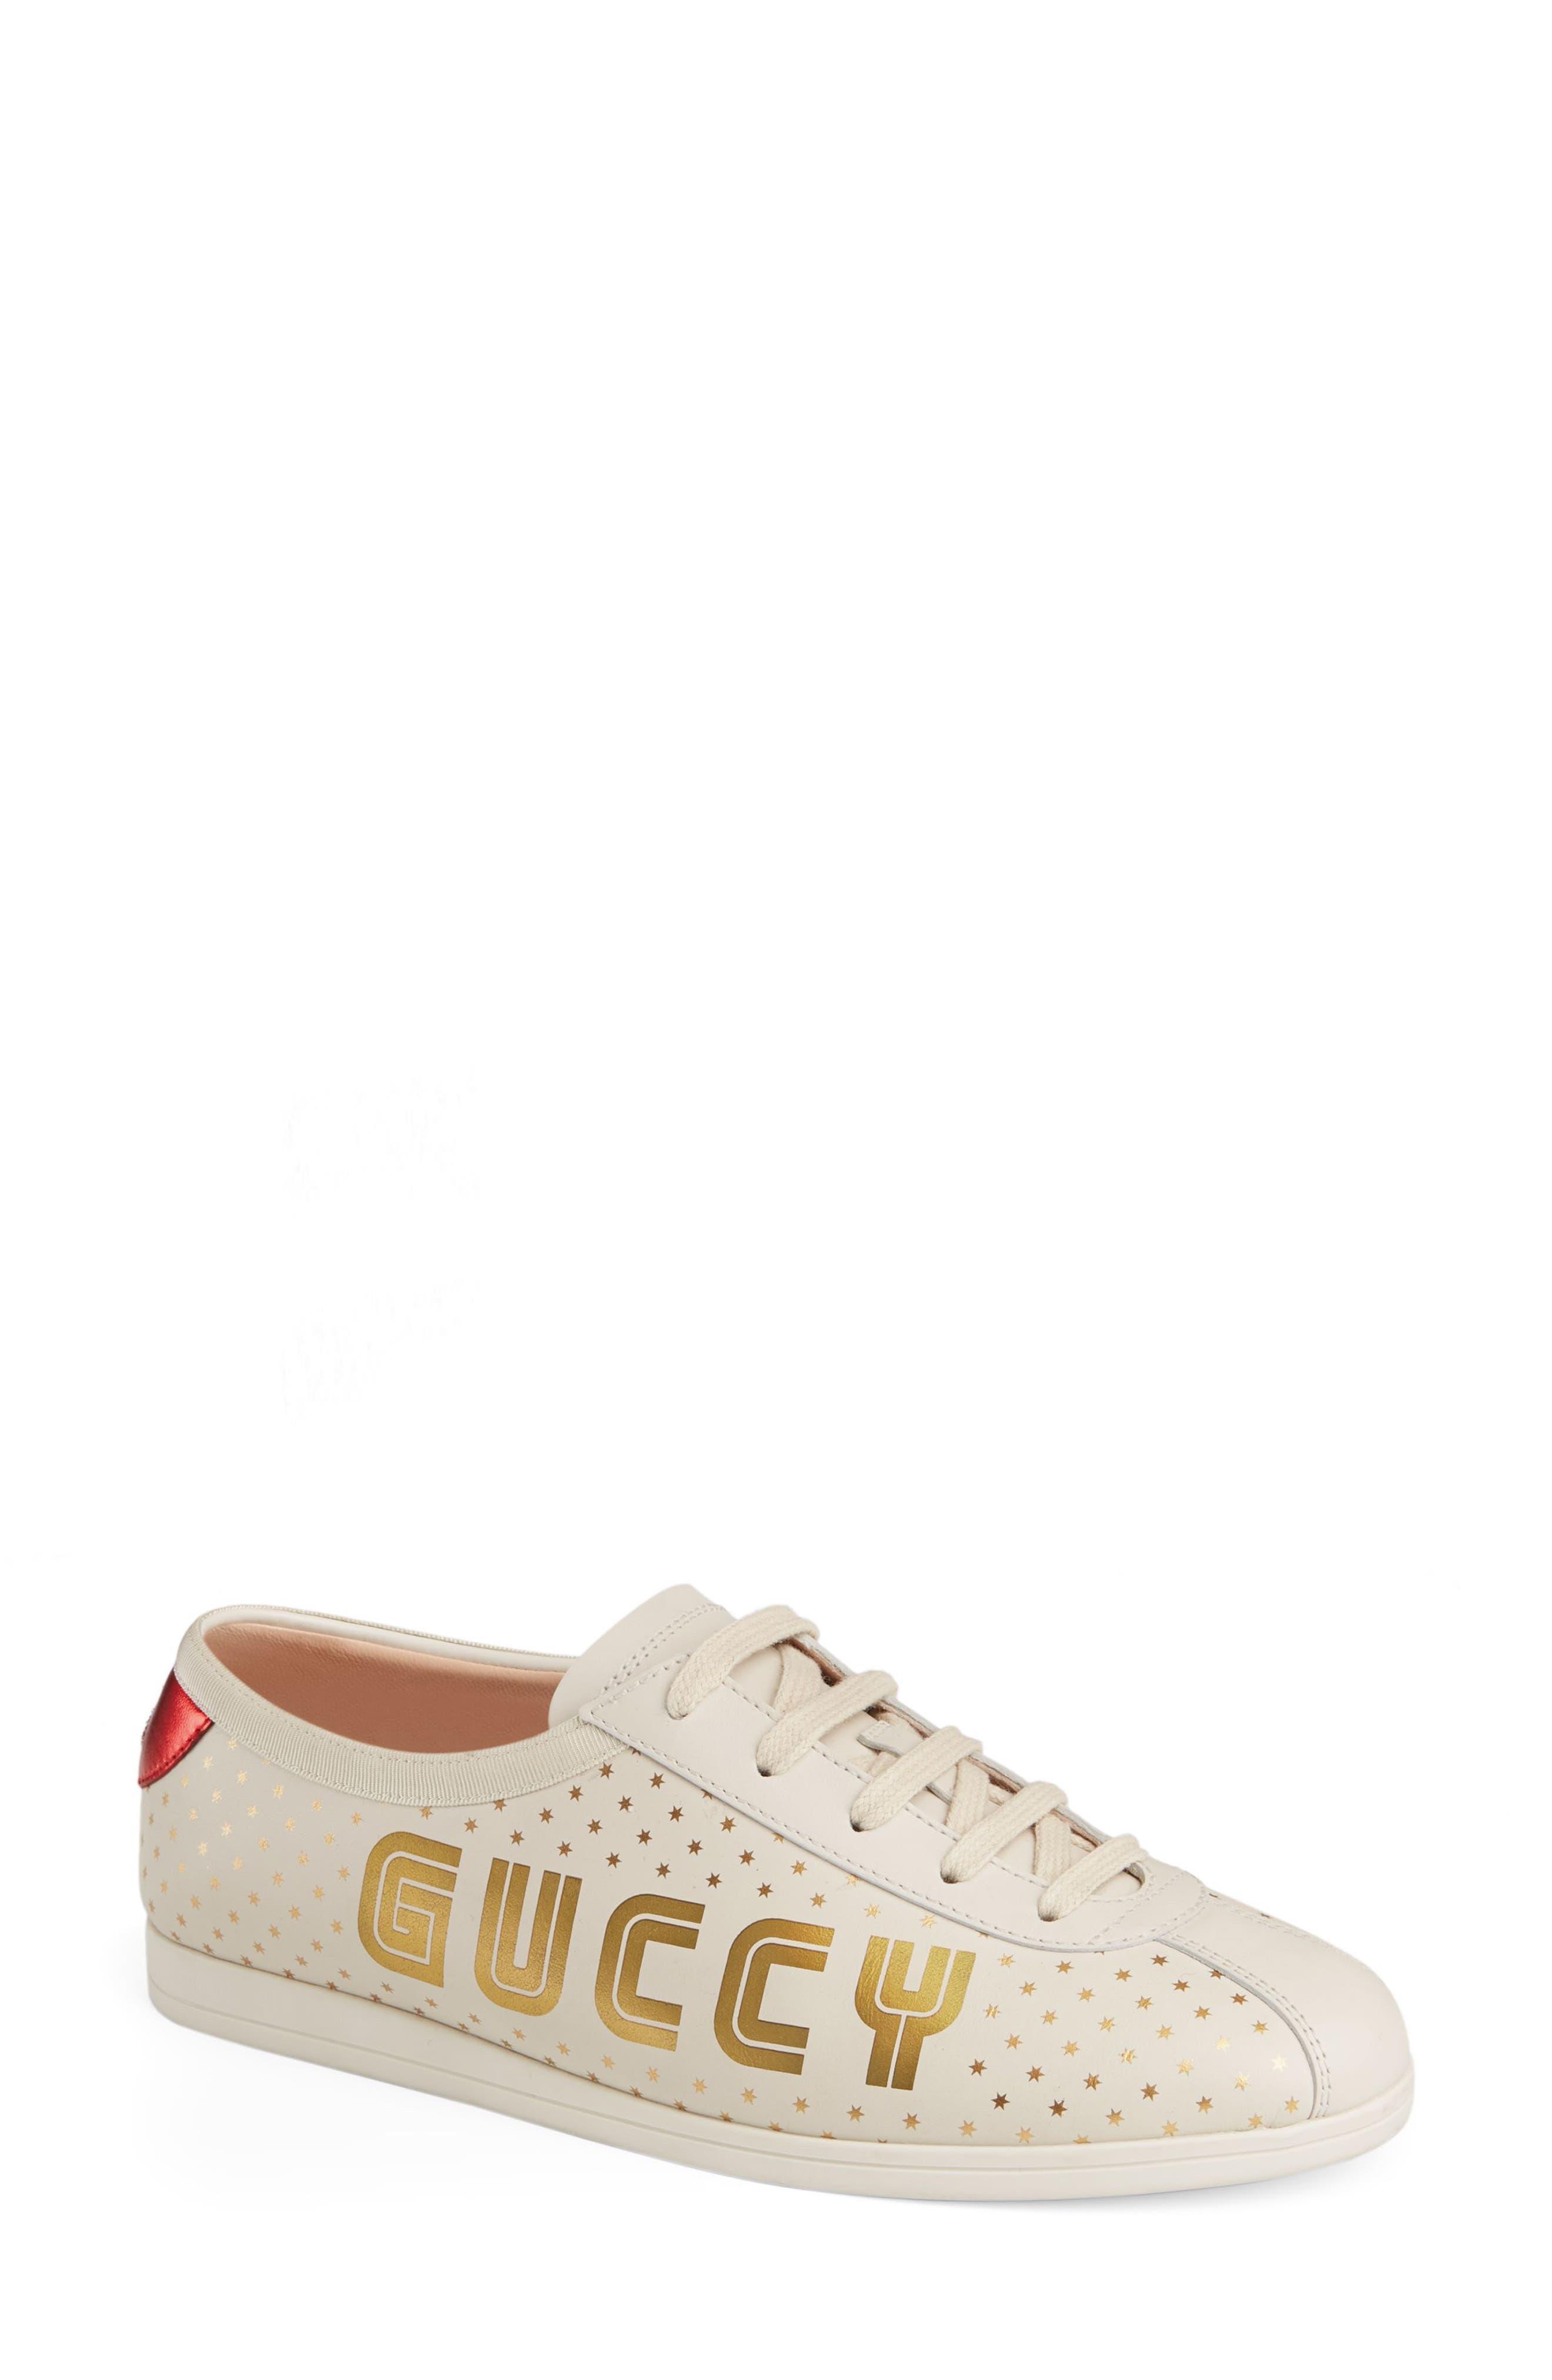 Gucci Falacer Guccy Logo Sneaker (Women)